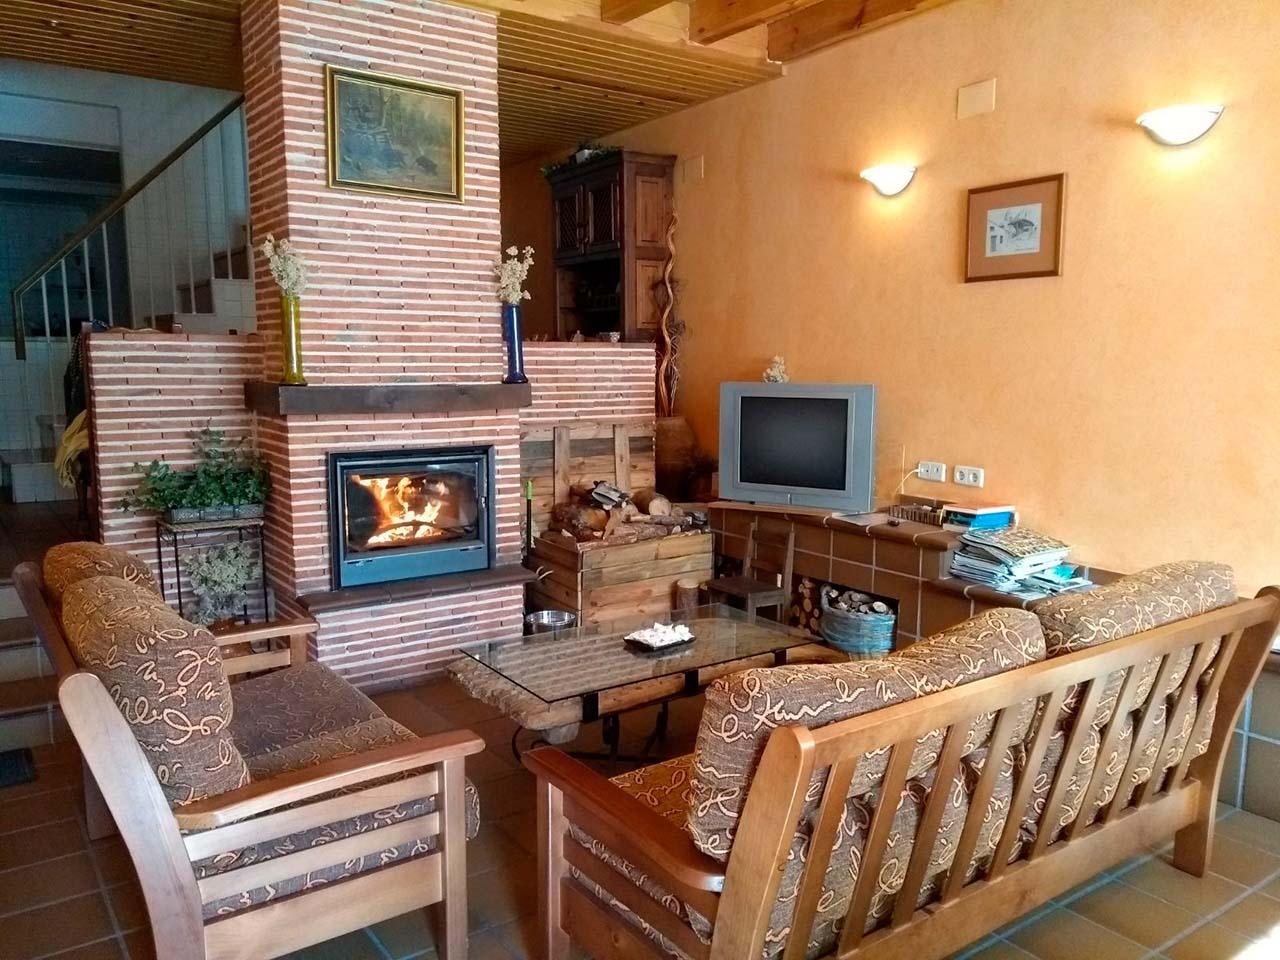 Alquiler de Casa Rural Robellano en Navaleno, Soria. Casa rural con 4 dormitorios